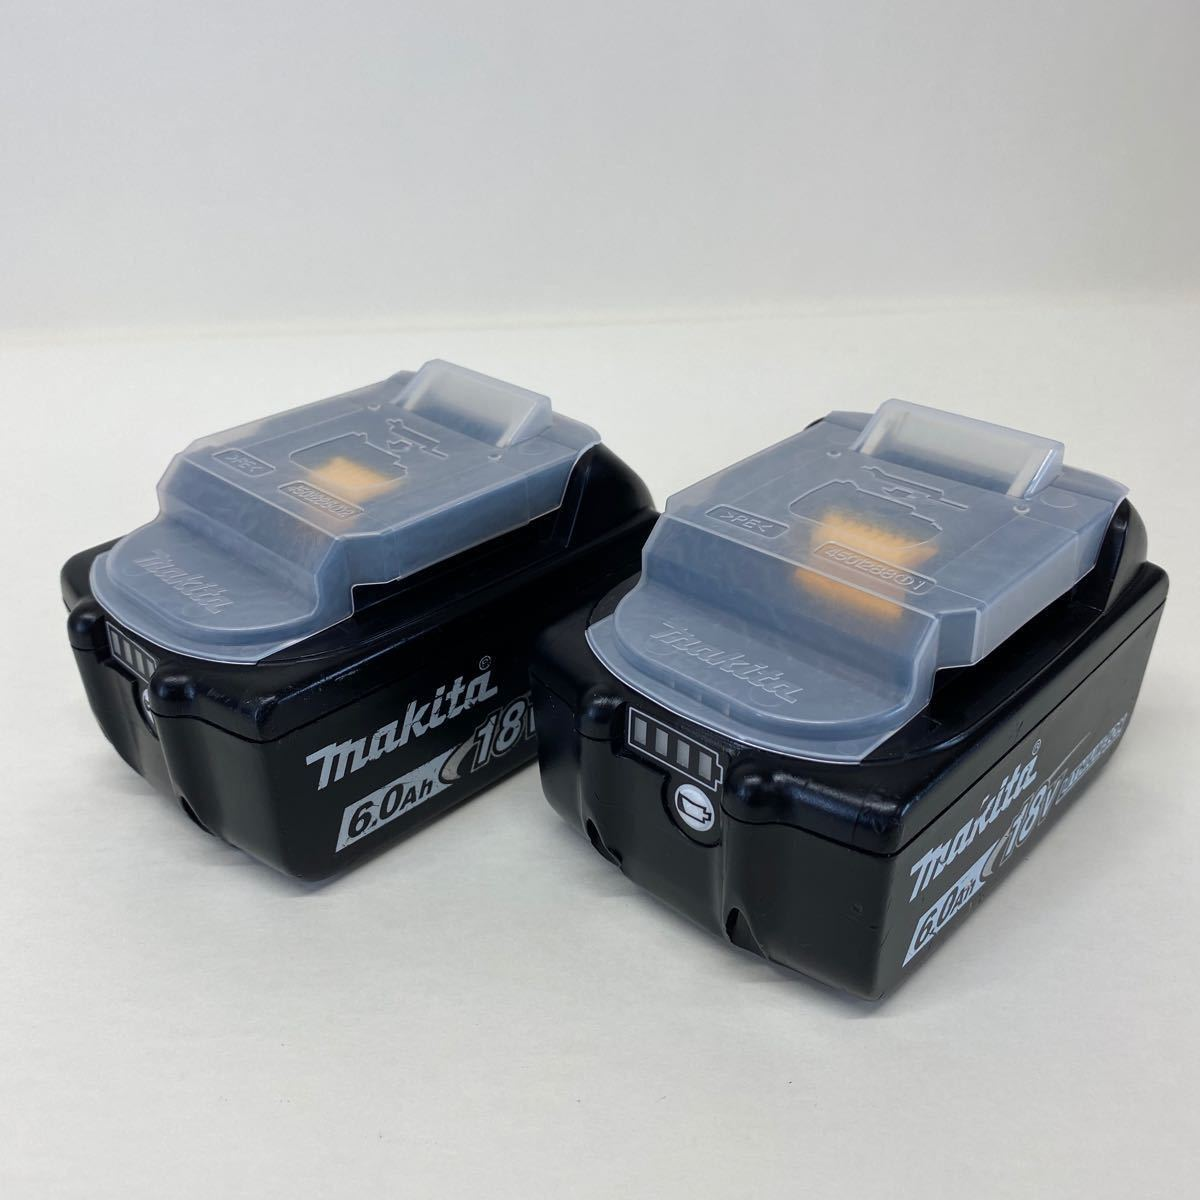 【中古・完動品】マキタ Makita TD171D 充電式インパクトドライバ 18v 『ブルー』BL1860B×2 DC18RF充電器 フルセット TD171DRGX 純正品_画像7